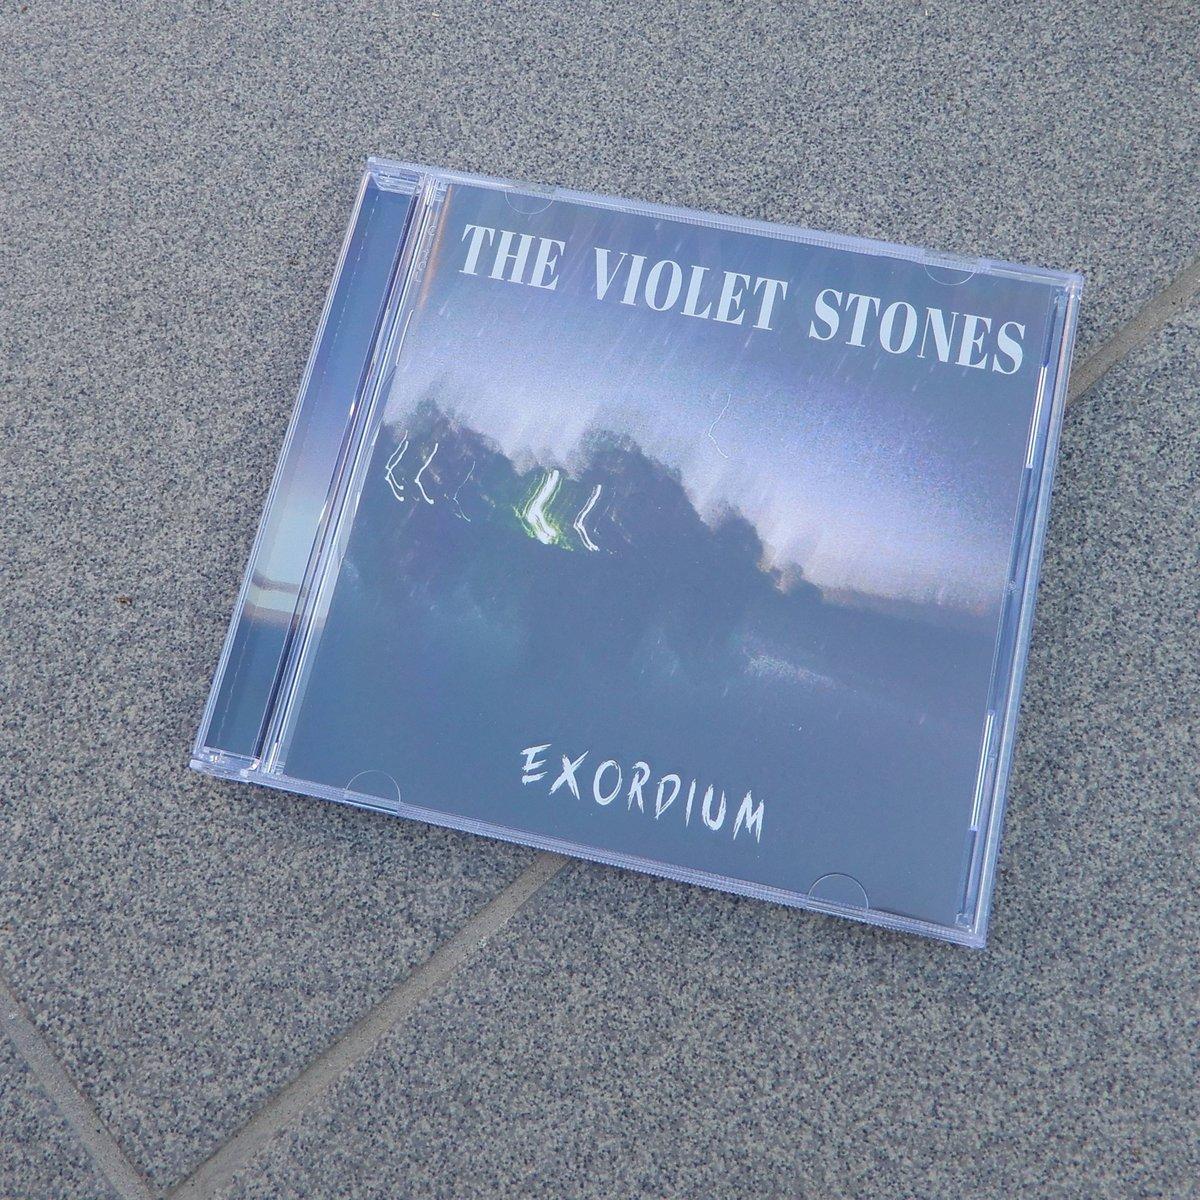 Image of The Violet Stones 'Exordium' CD